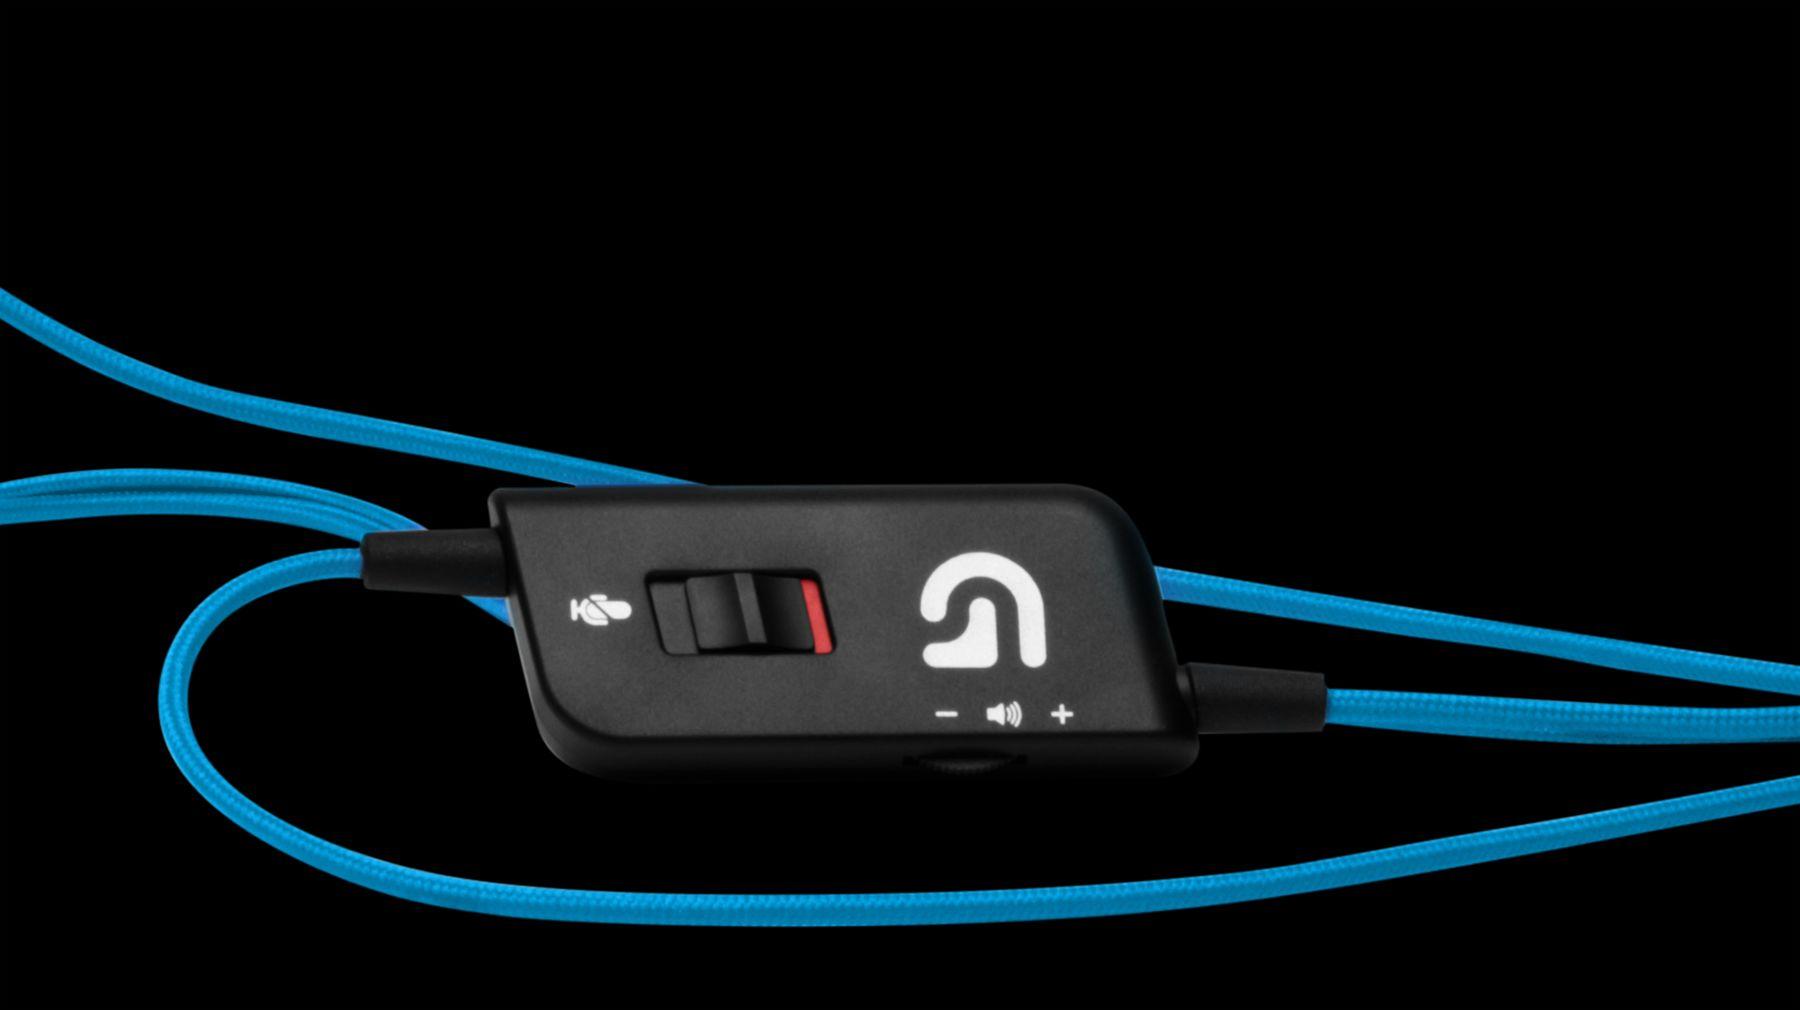 هدست گیمینگ باسیم 7.1 لاجیتک مدل G430 Surround Sound